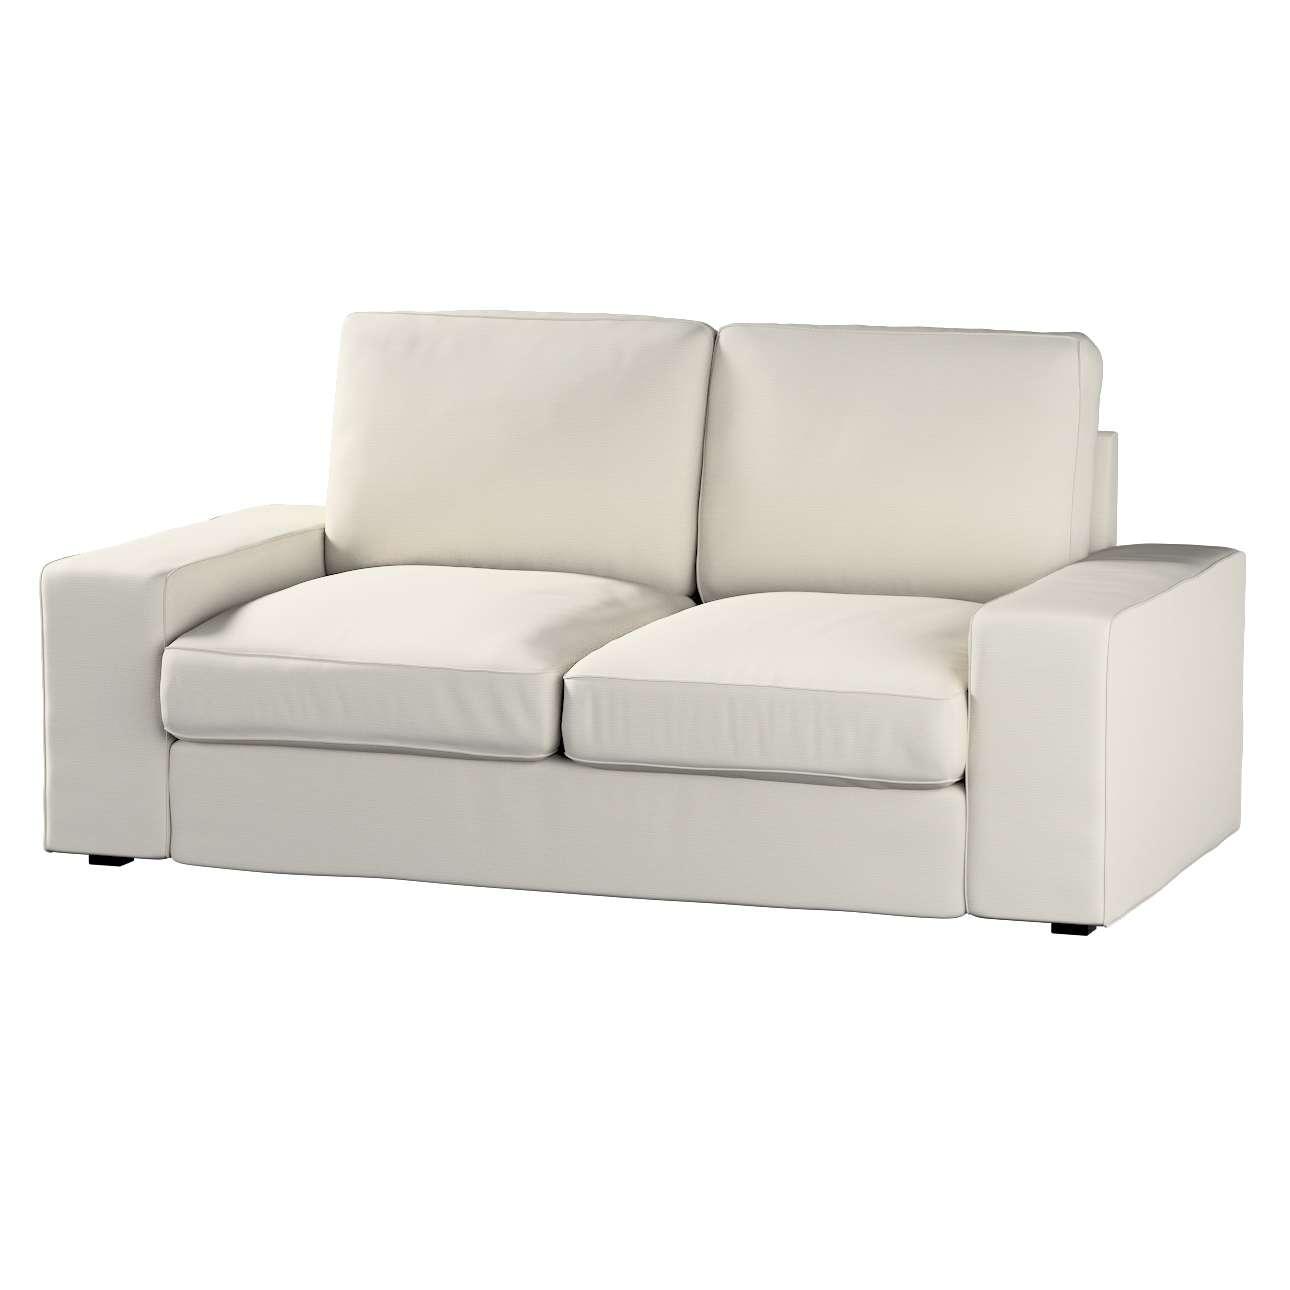 Pokrowiec na sofę Kivik 2-osobową, nierozkładaną Sofa Kivik 2-osobowa w kolekcji Cotton Panama, tkanina: 702-31